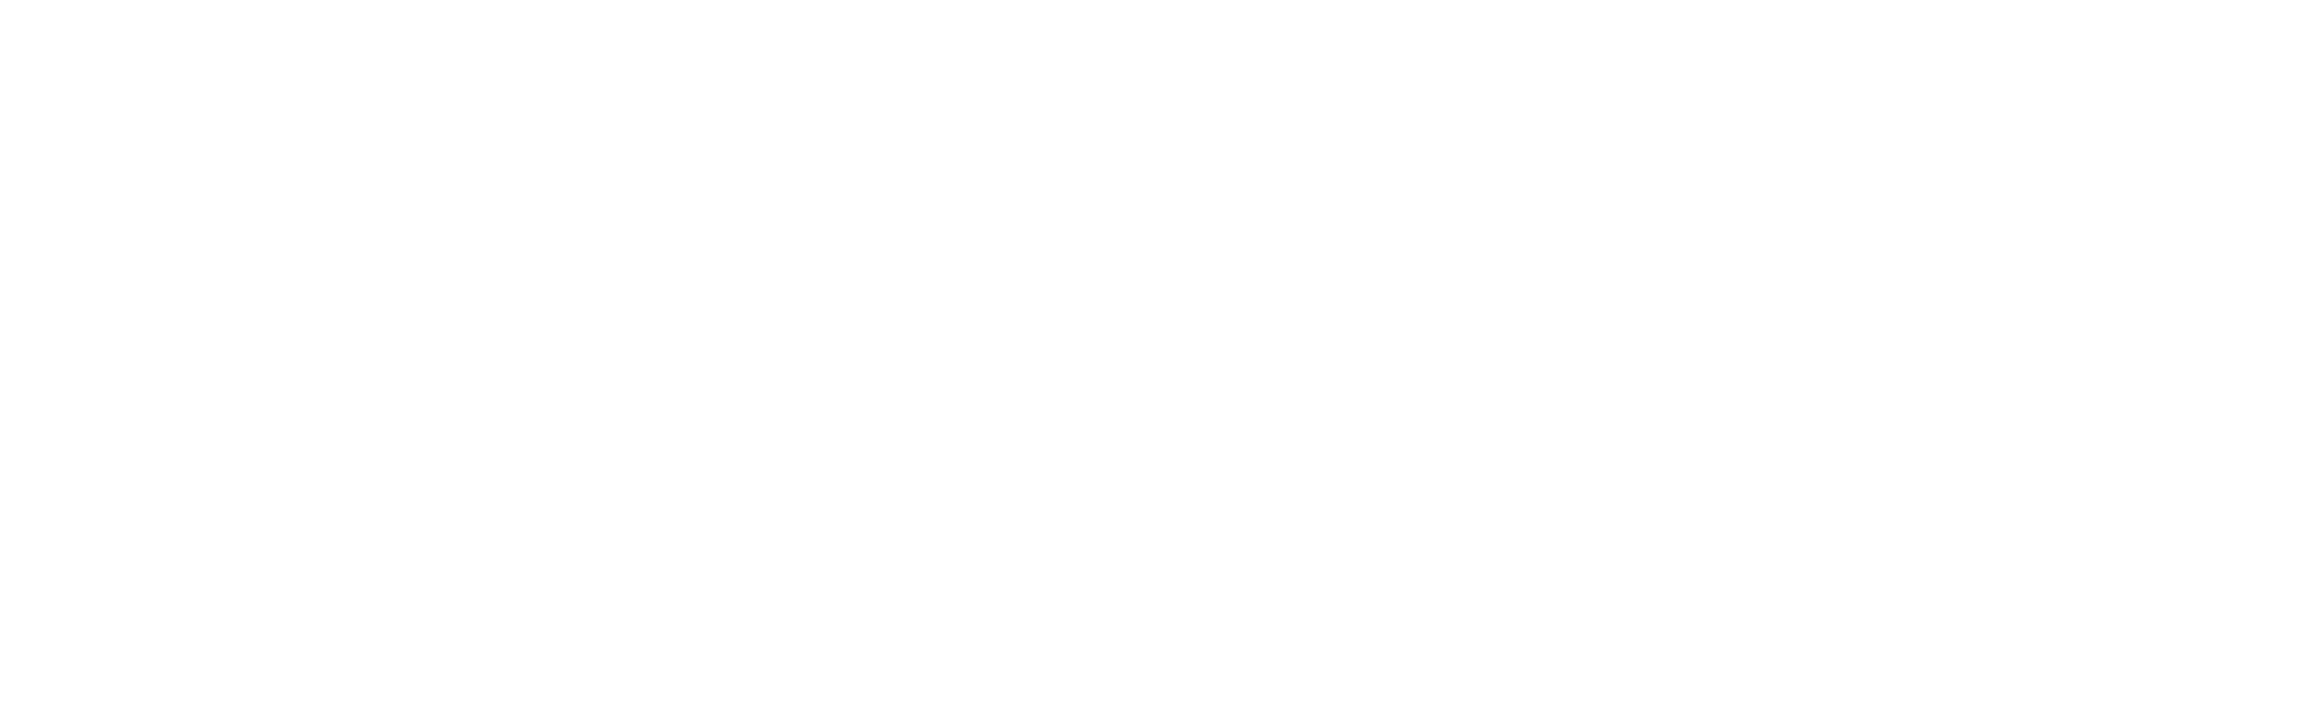 Bleuforêt, une petite marque frenchy qui a réussi à se faire un nom